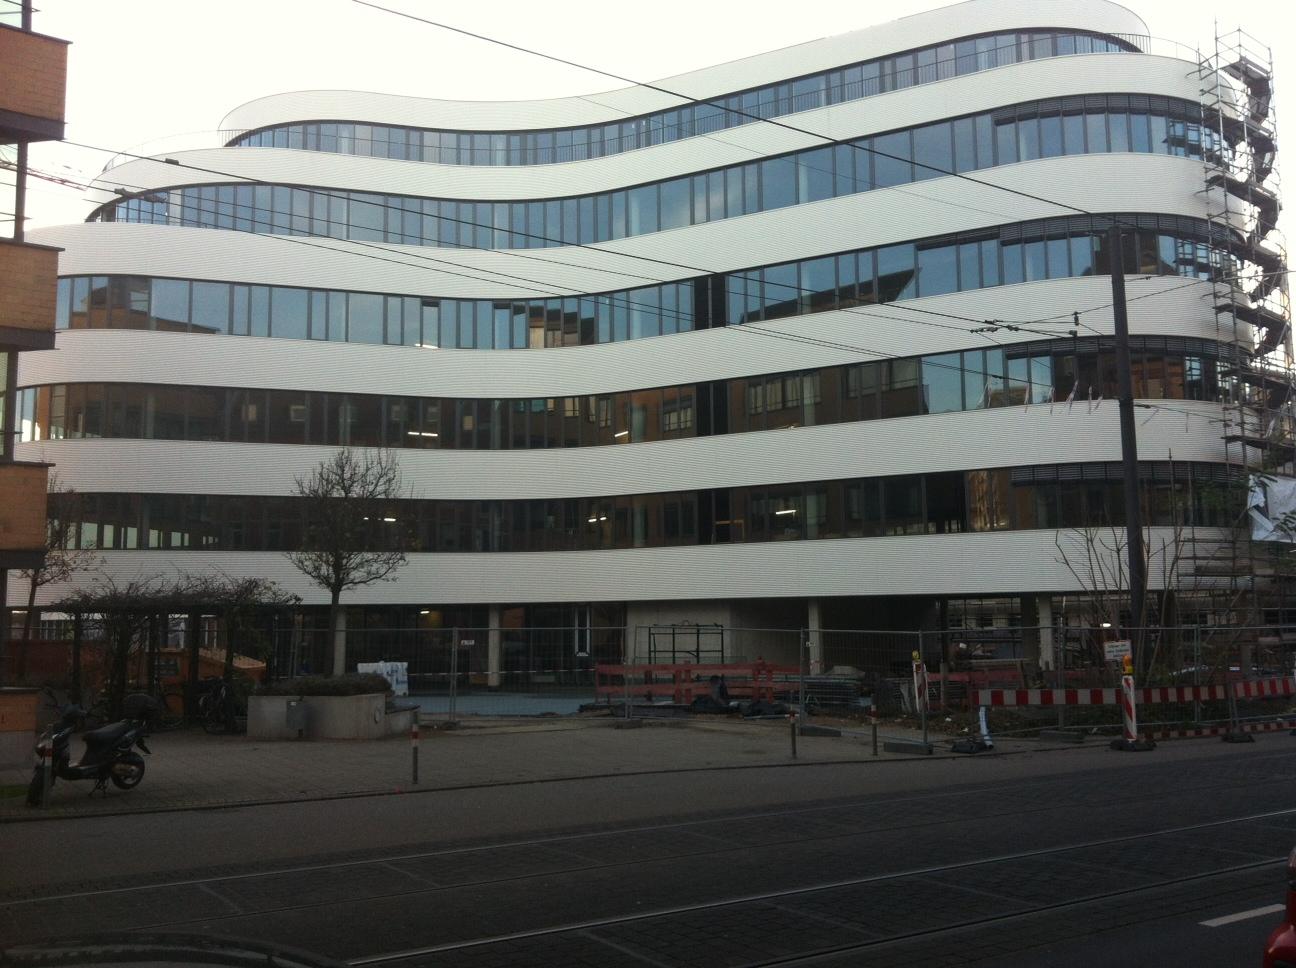 Das Synus-Gebäude im Bau - Außenansicht